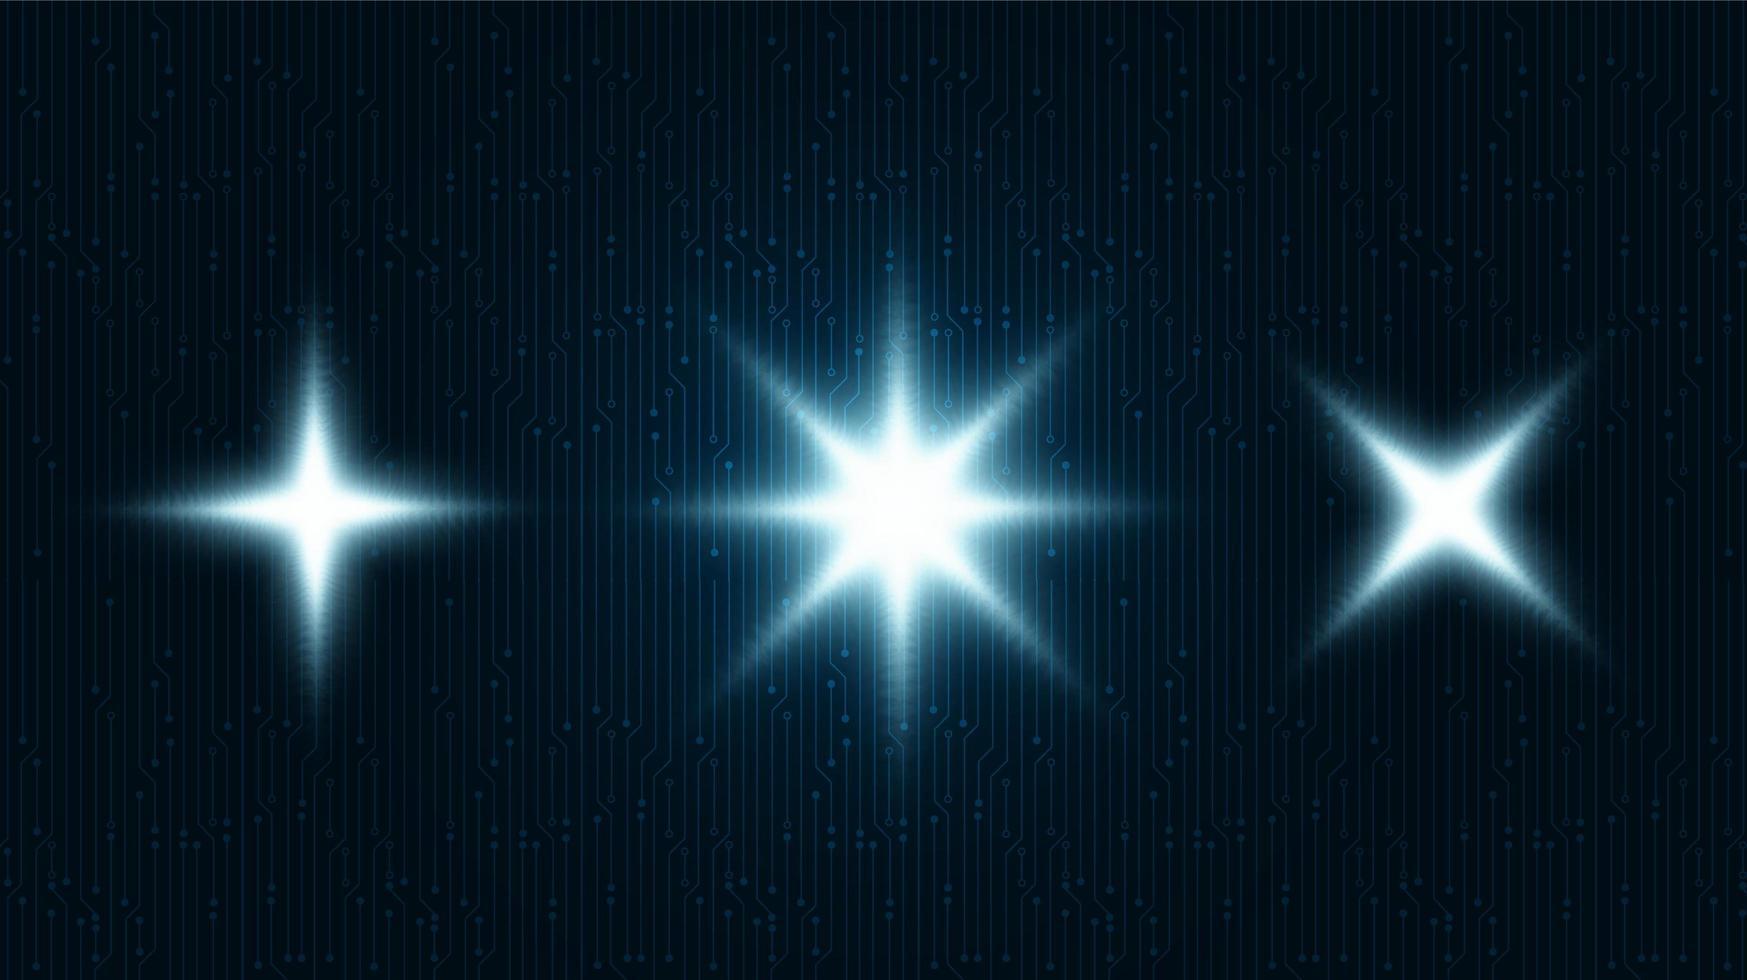 digitales Lichtsymbol auf Technologiehintergrund, Hi-Tech- und Kommunikationskonzeptentwurf, freier Raum für Text in Put, Vektorillustration. vektor